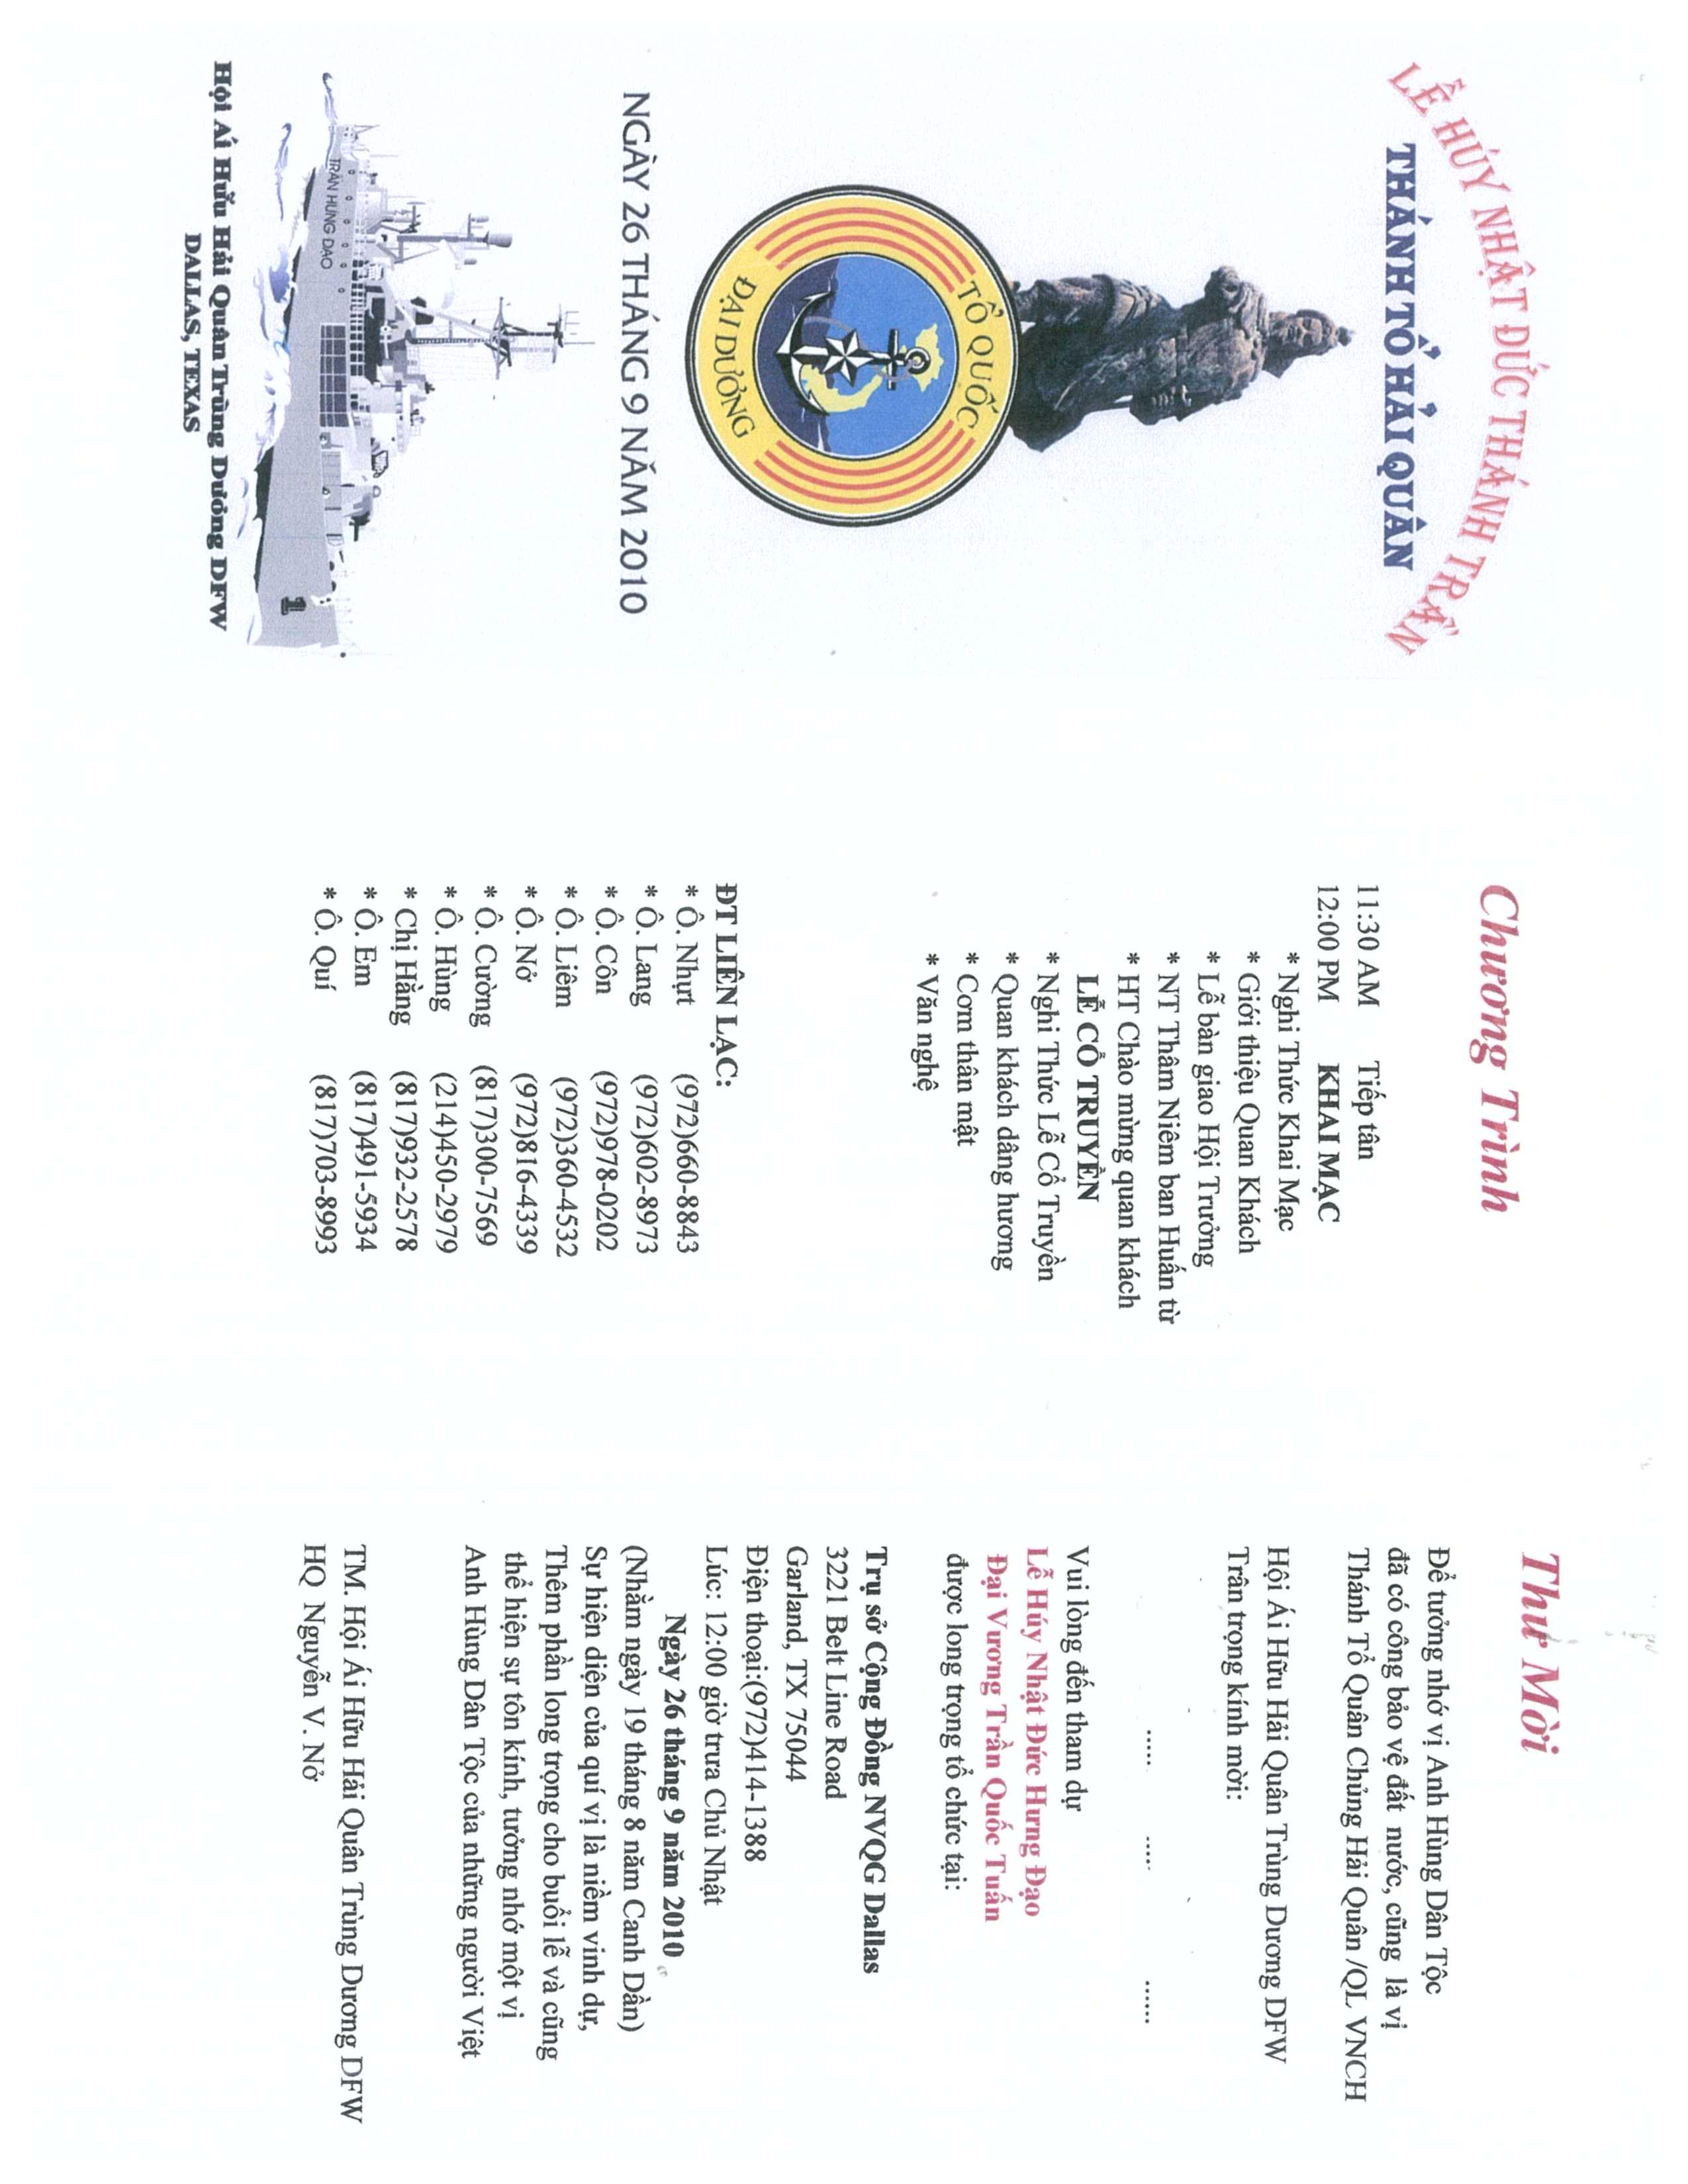 Hội Hải Quân Trùng Dương tại Dallas-Fort Worth, Texas, USA